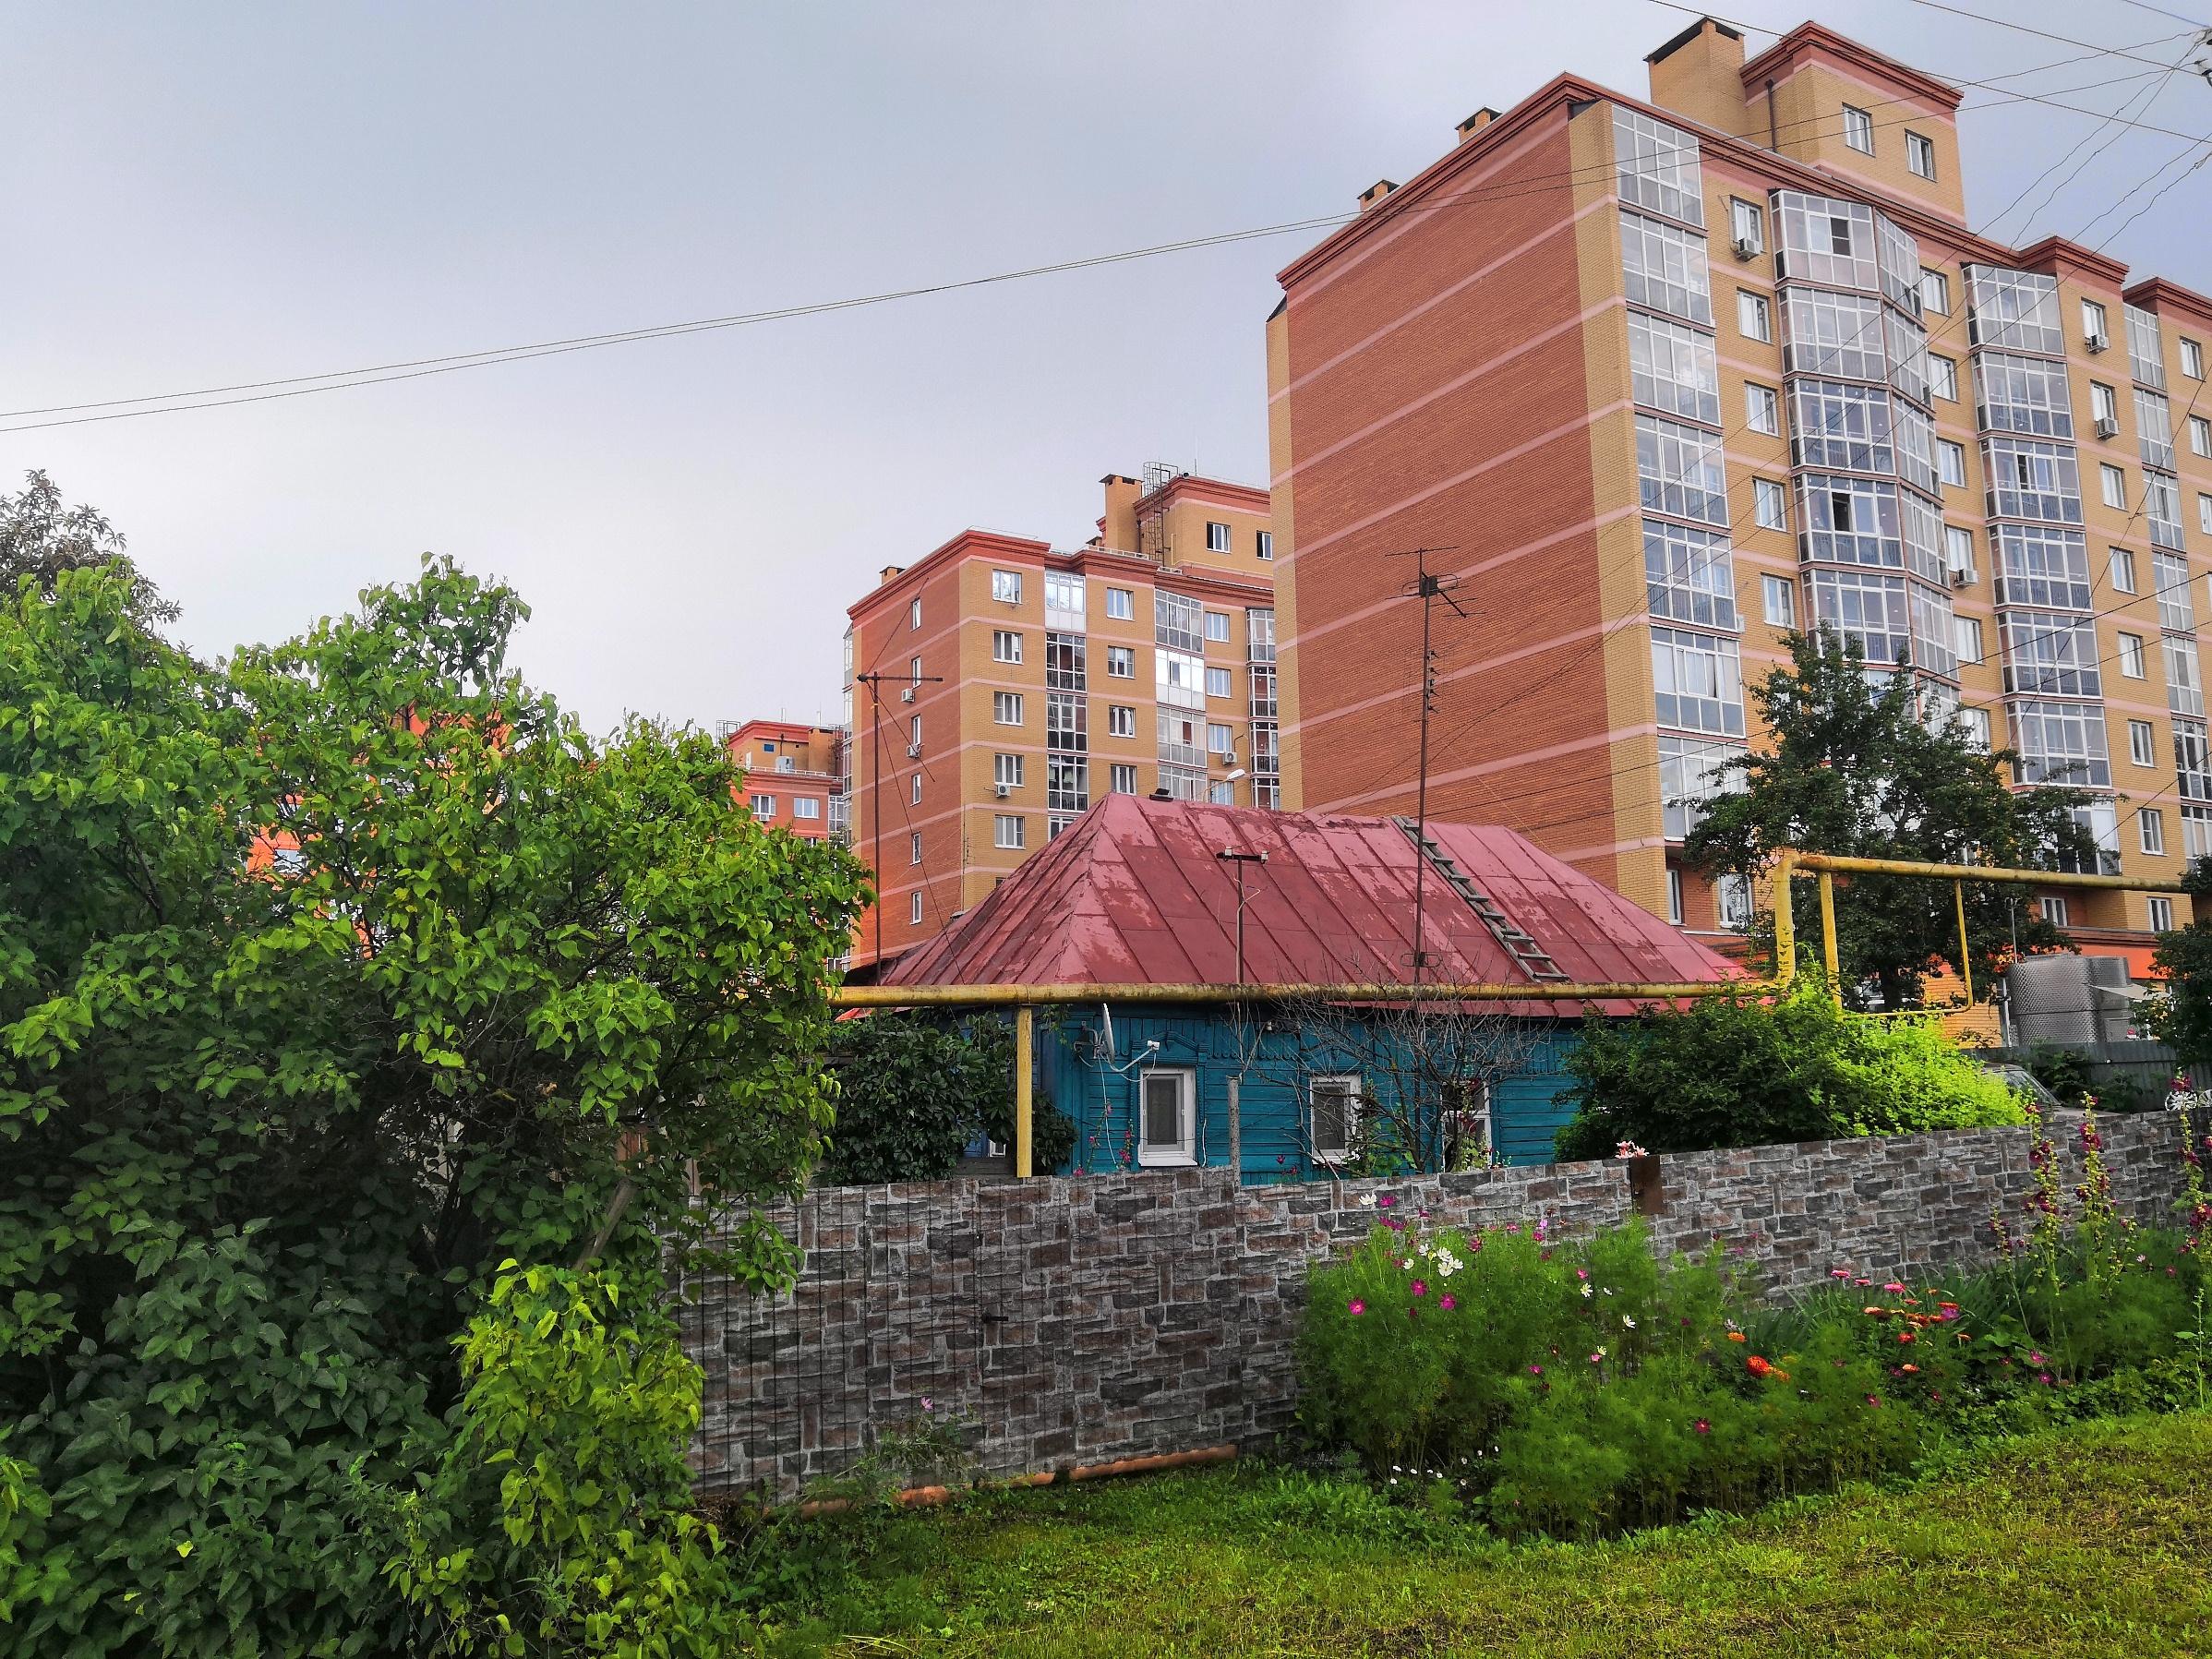 Фотографии домов ЖК Премьера по улице Октябрьская г. Тула. ГК Новый город